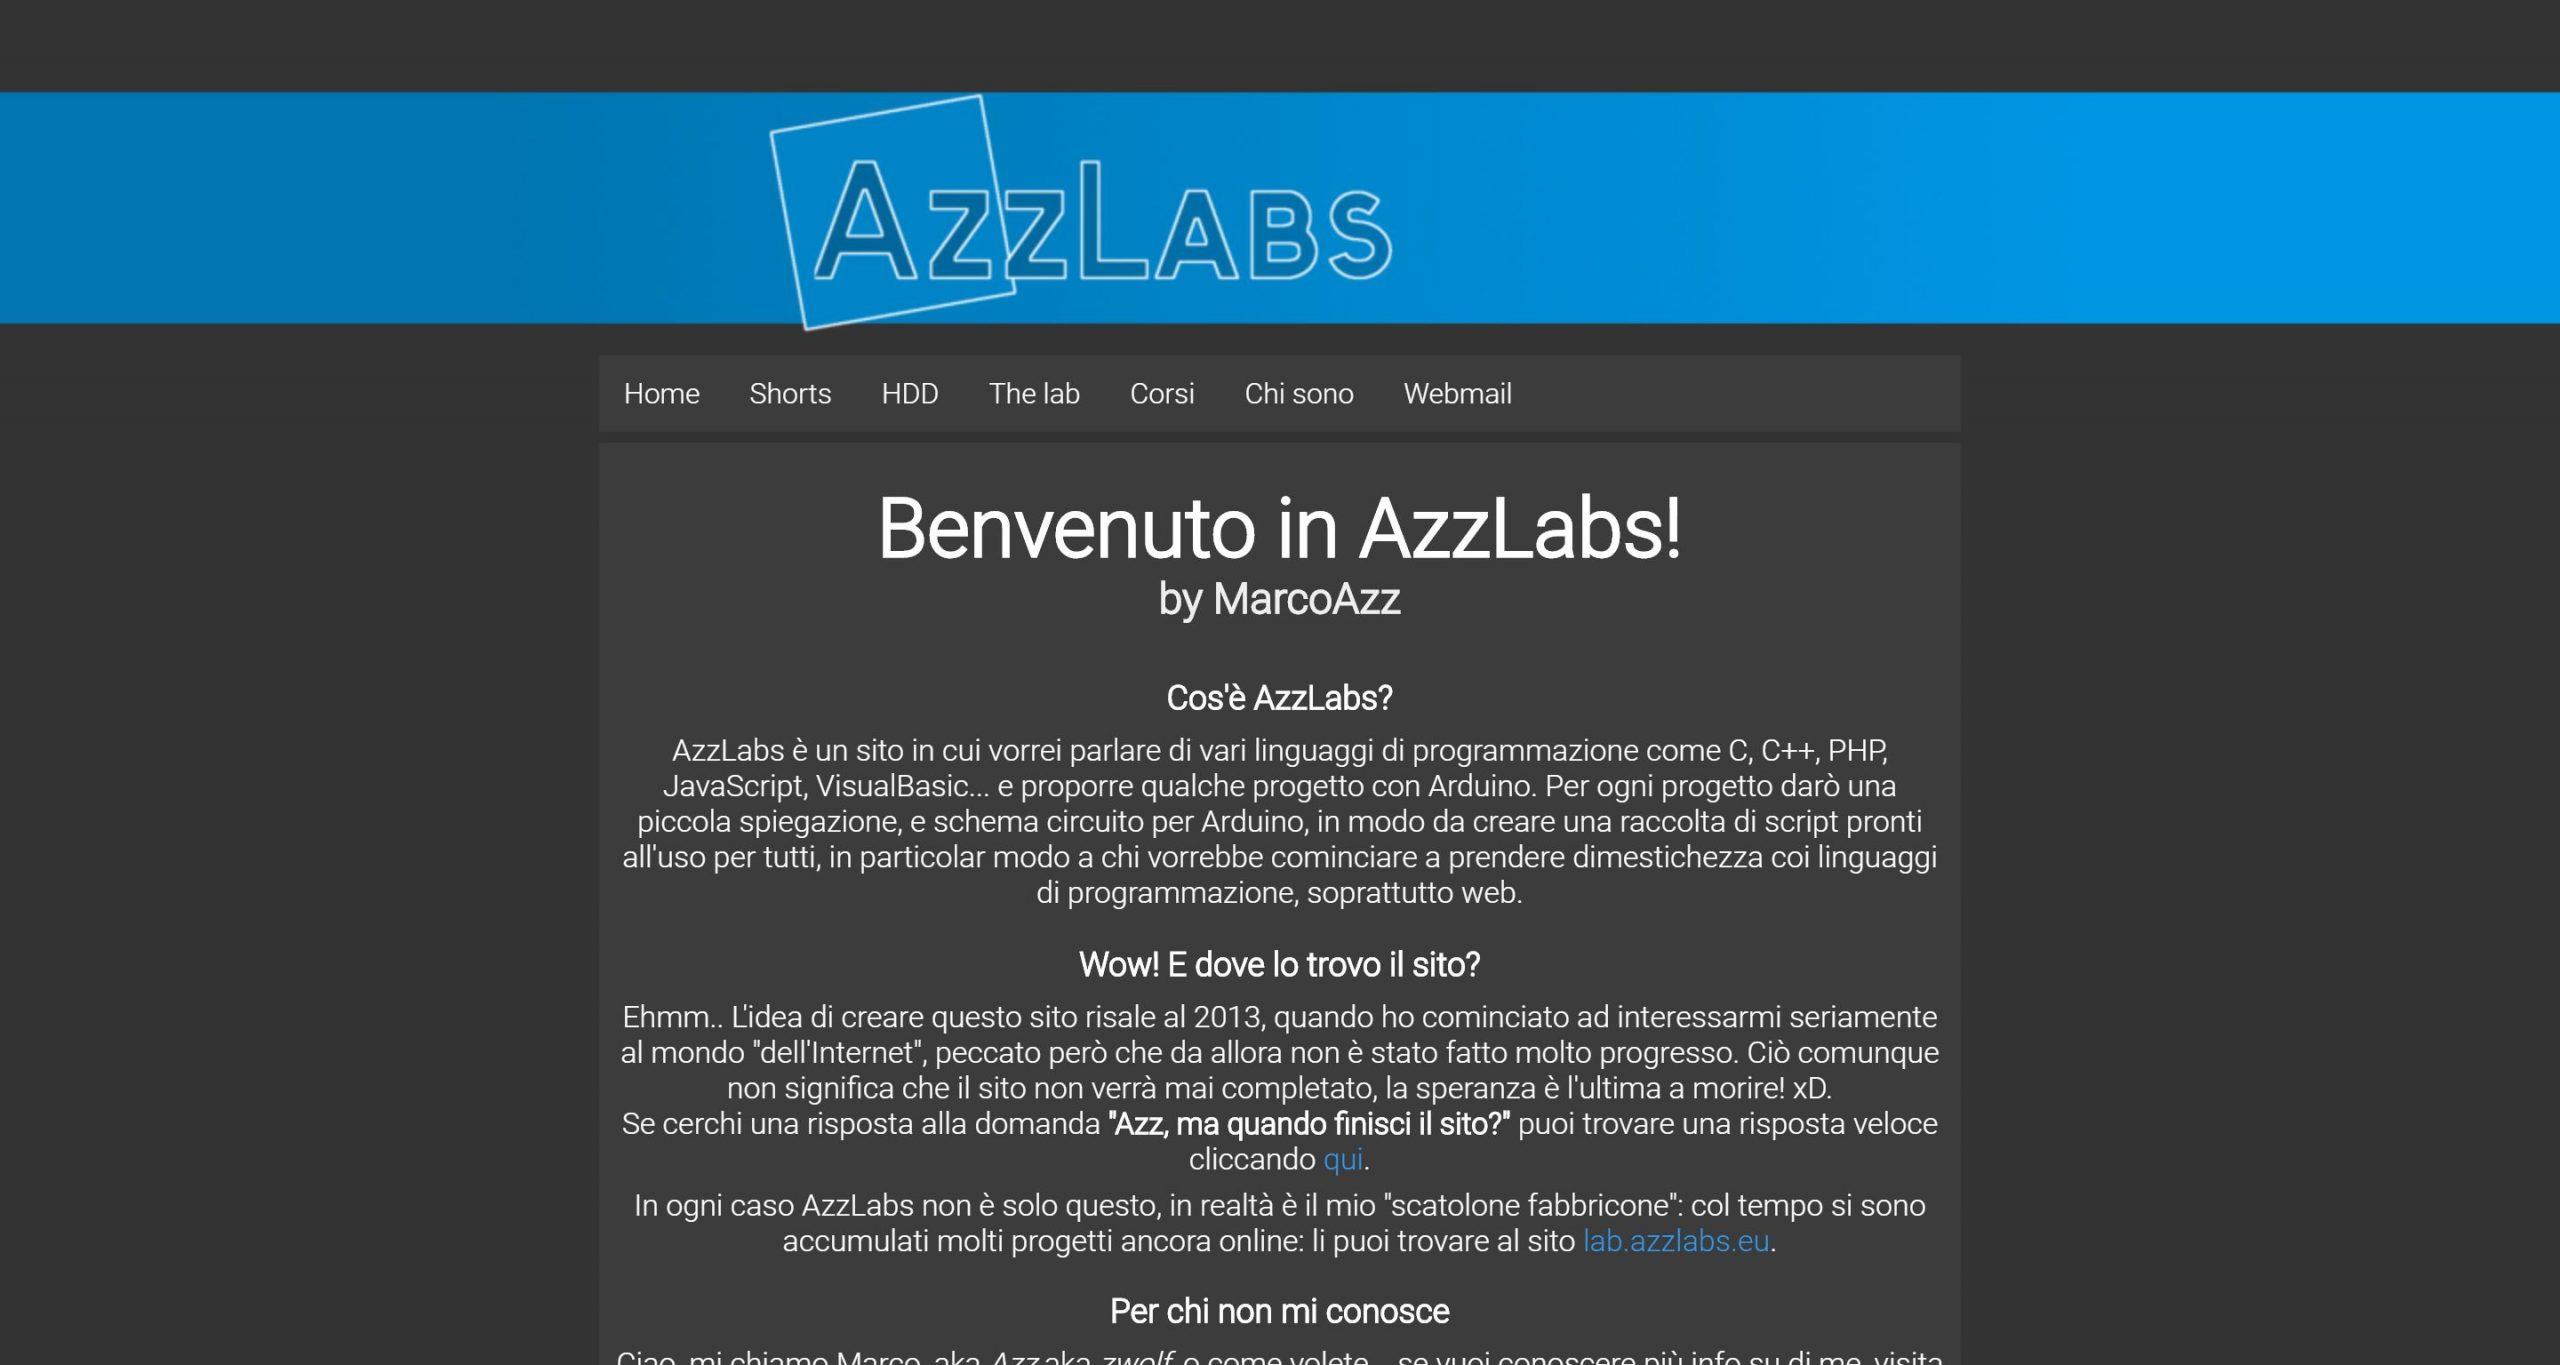 AzzLabs